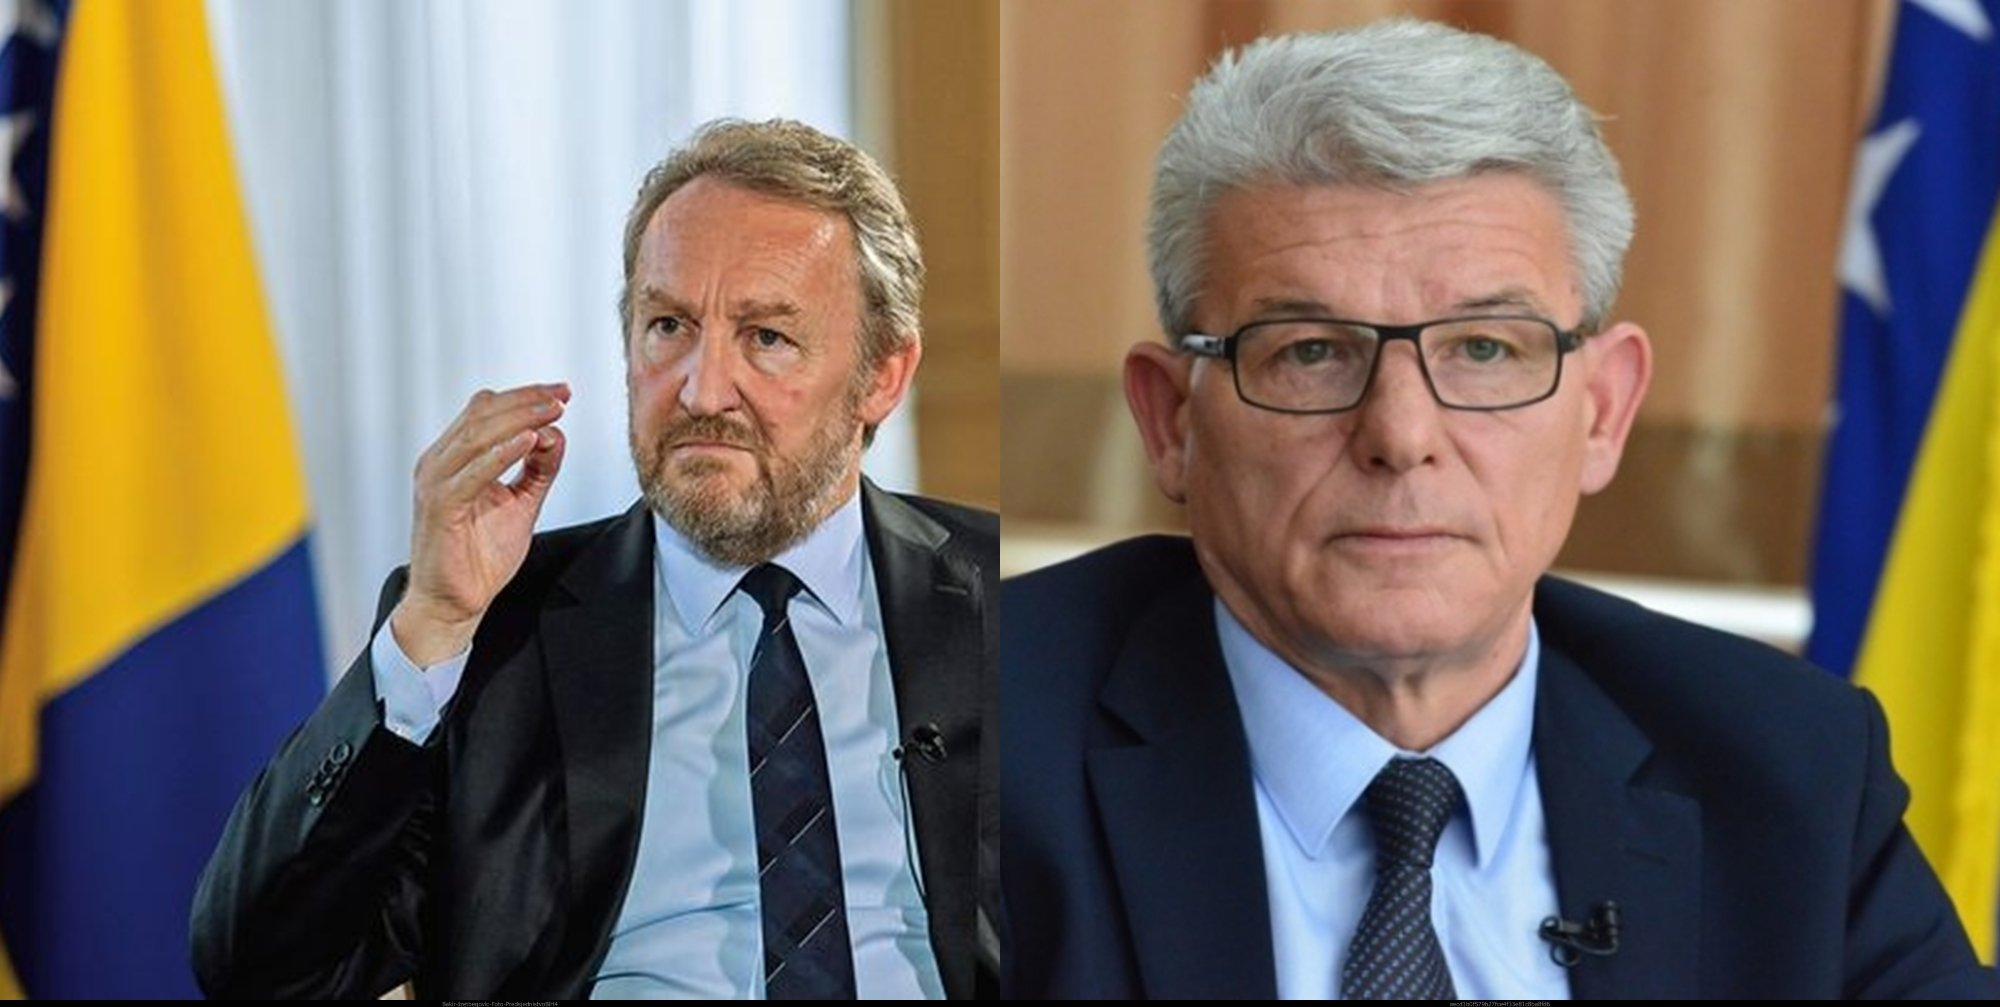 Bakir Izetbegović i Šefik Džaferović odrekli se dvije trećine plate za  pomoć najugroženijima - Nove-info